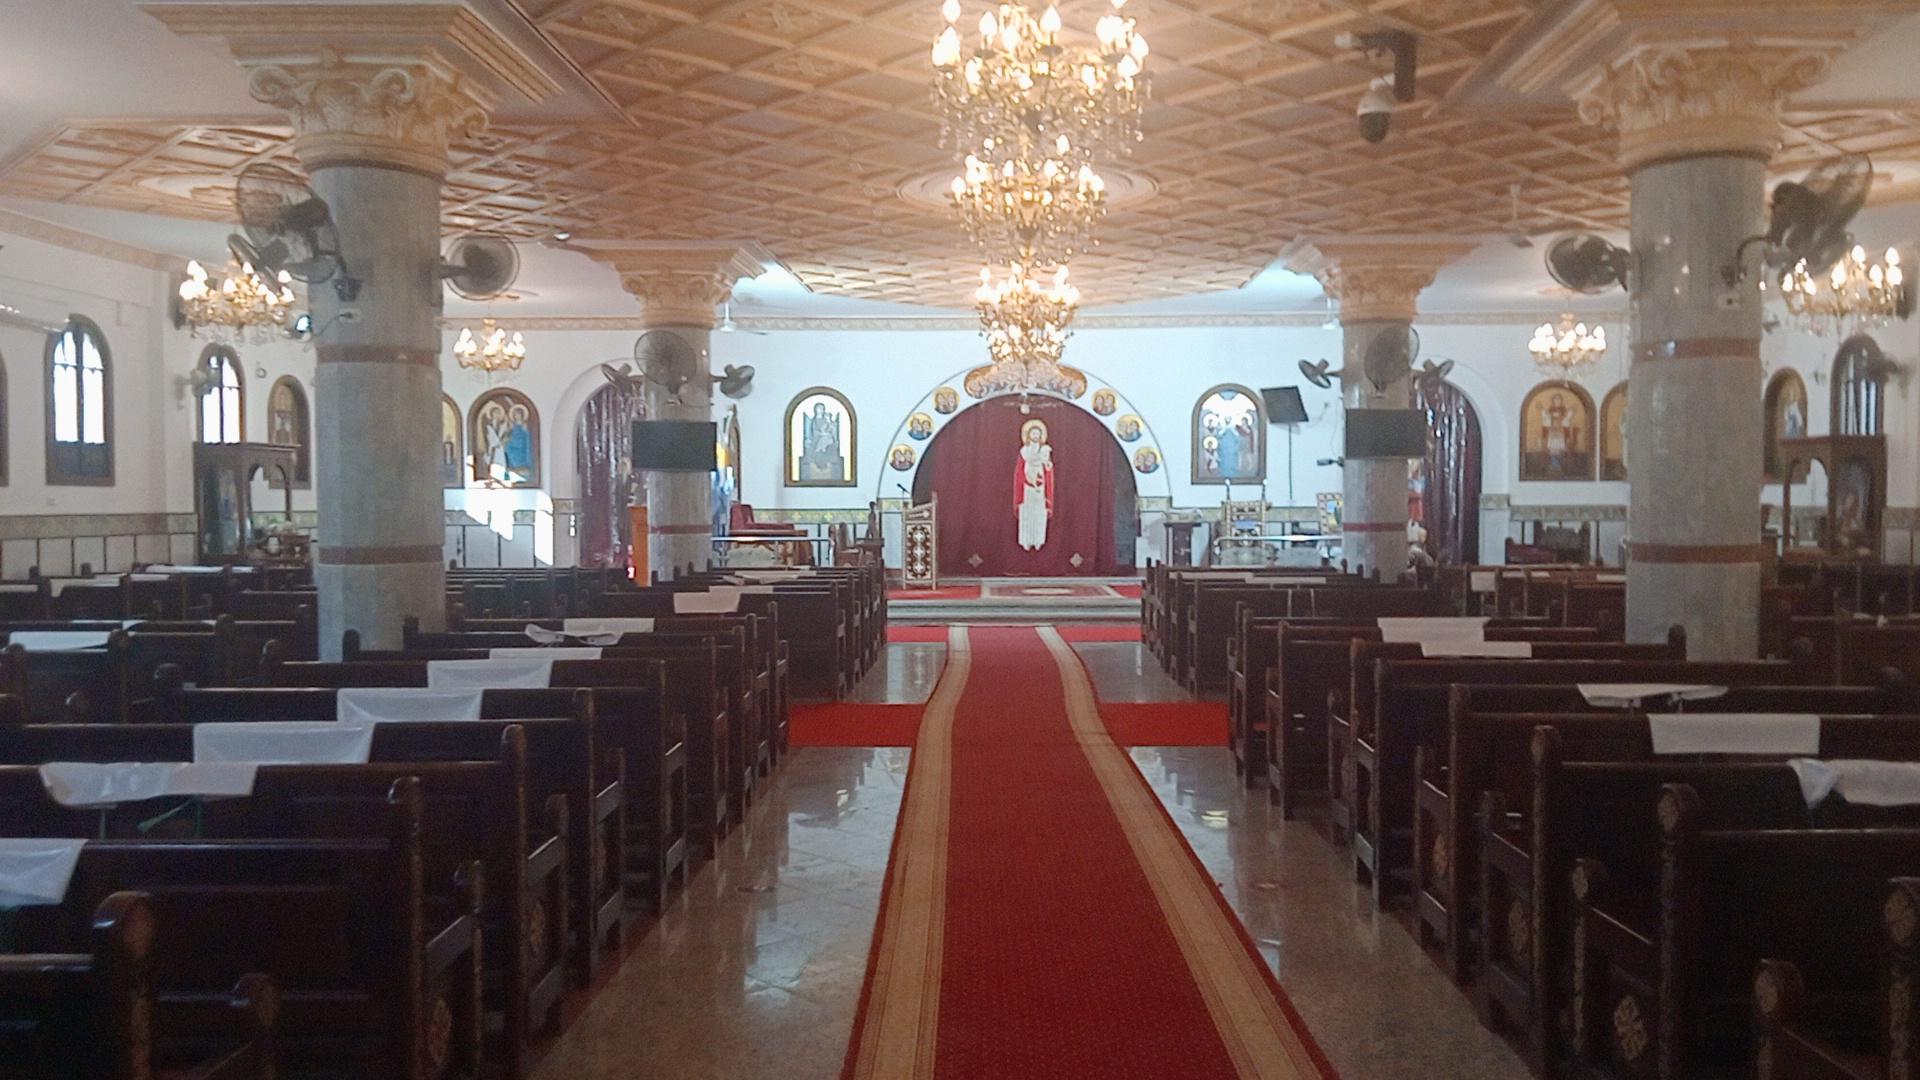 جانب من كنيسة كنيسة الشهيد مارمينا والقديس البابا كيرلس السادس بكفر الشيخ